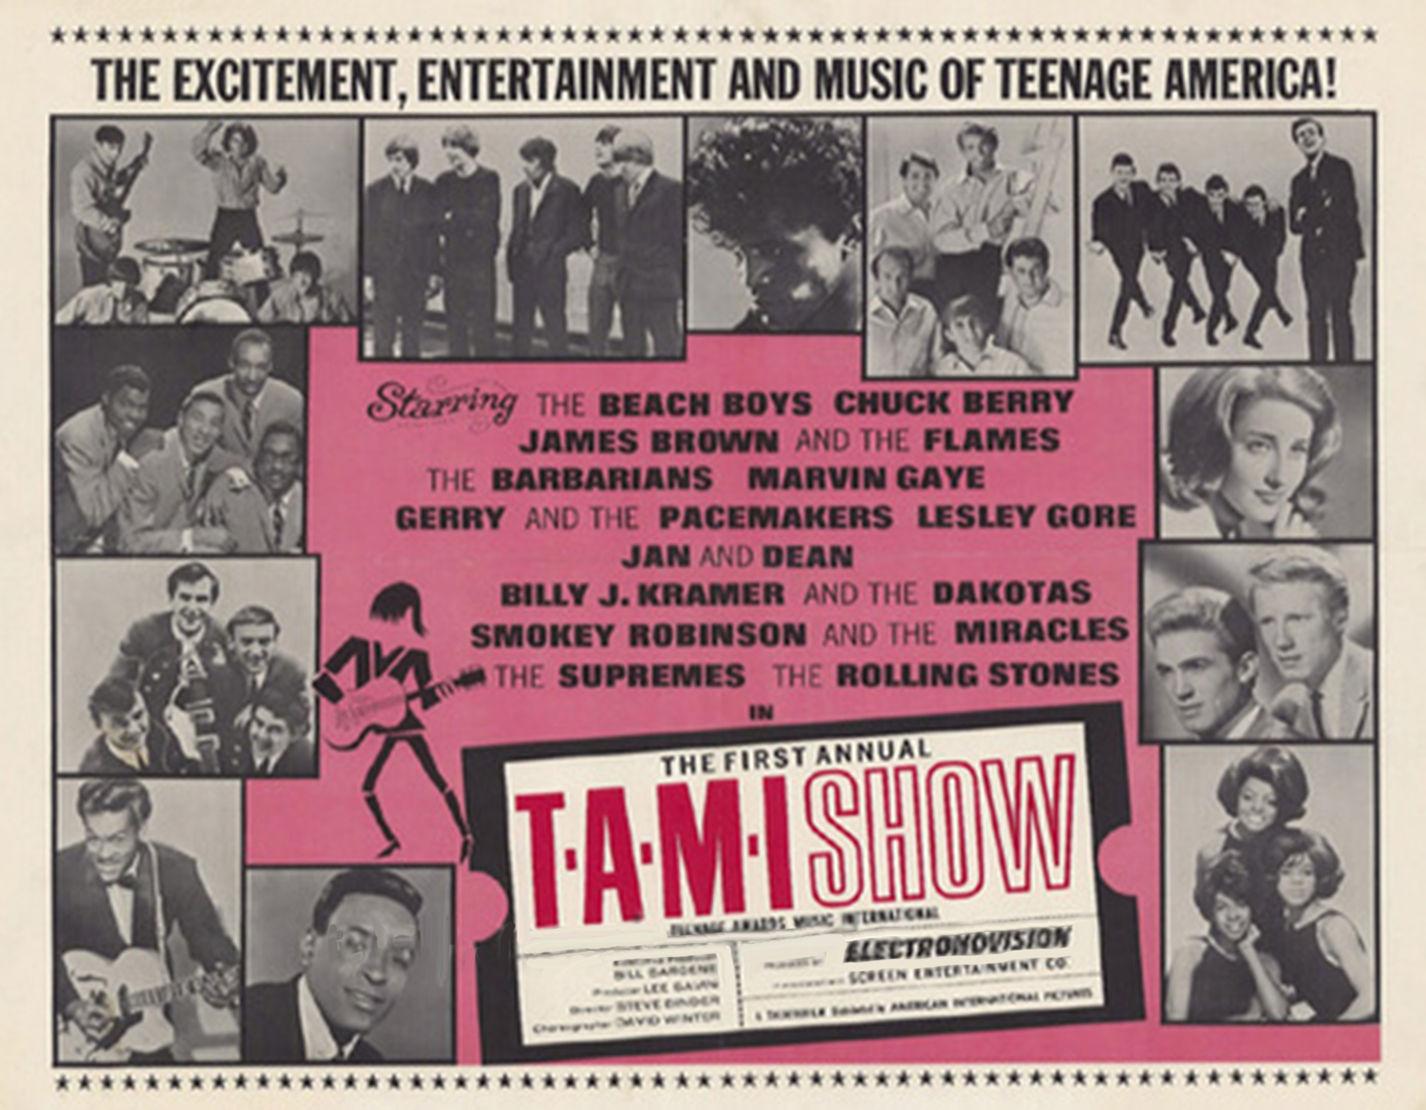 ¿Quién fueron los últimos en tocar en el T.A.M.I. Show de 1964?